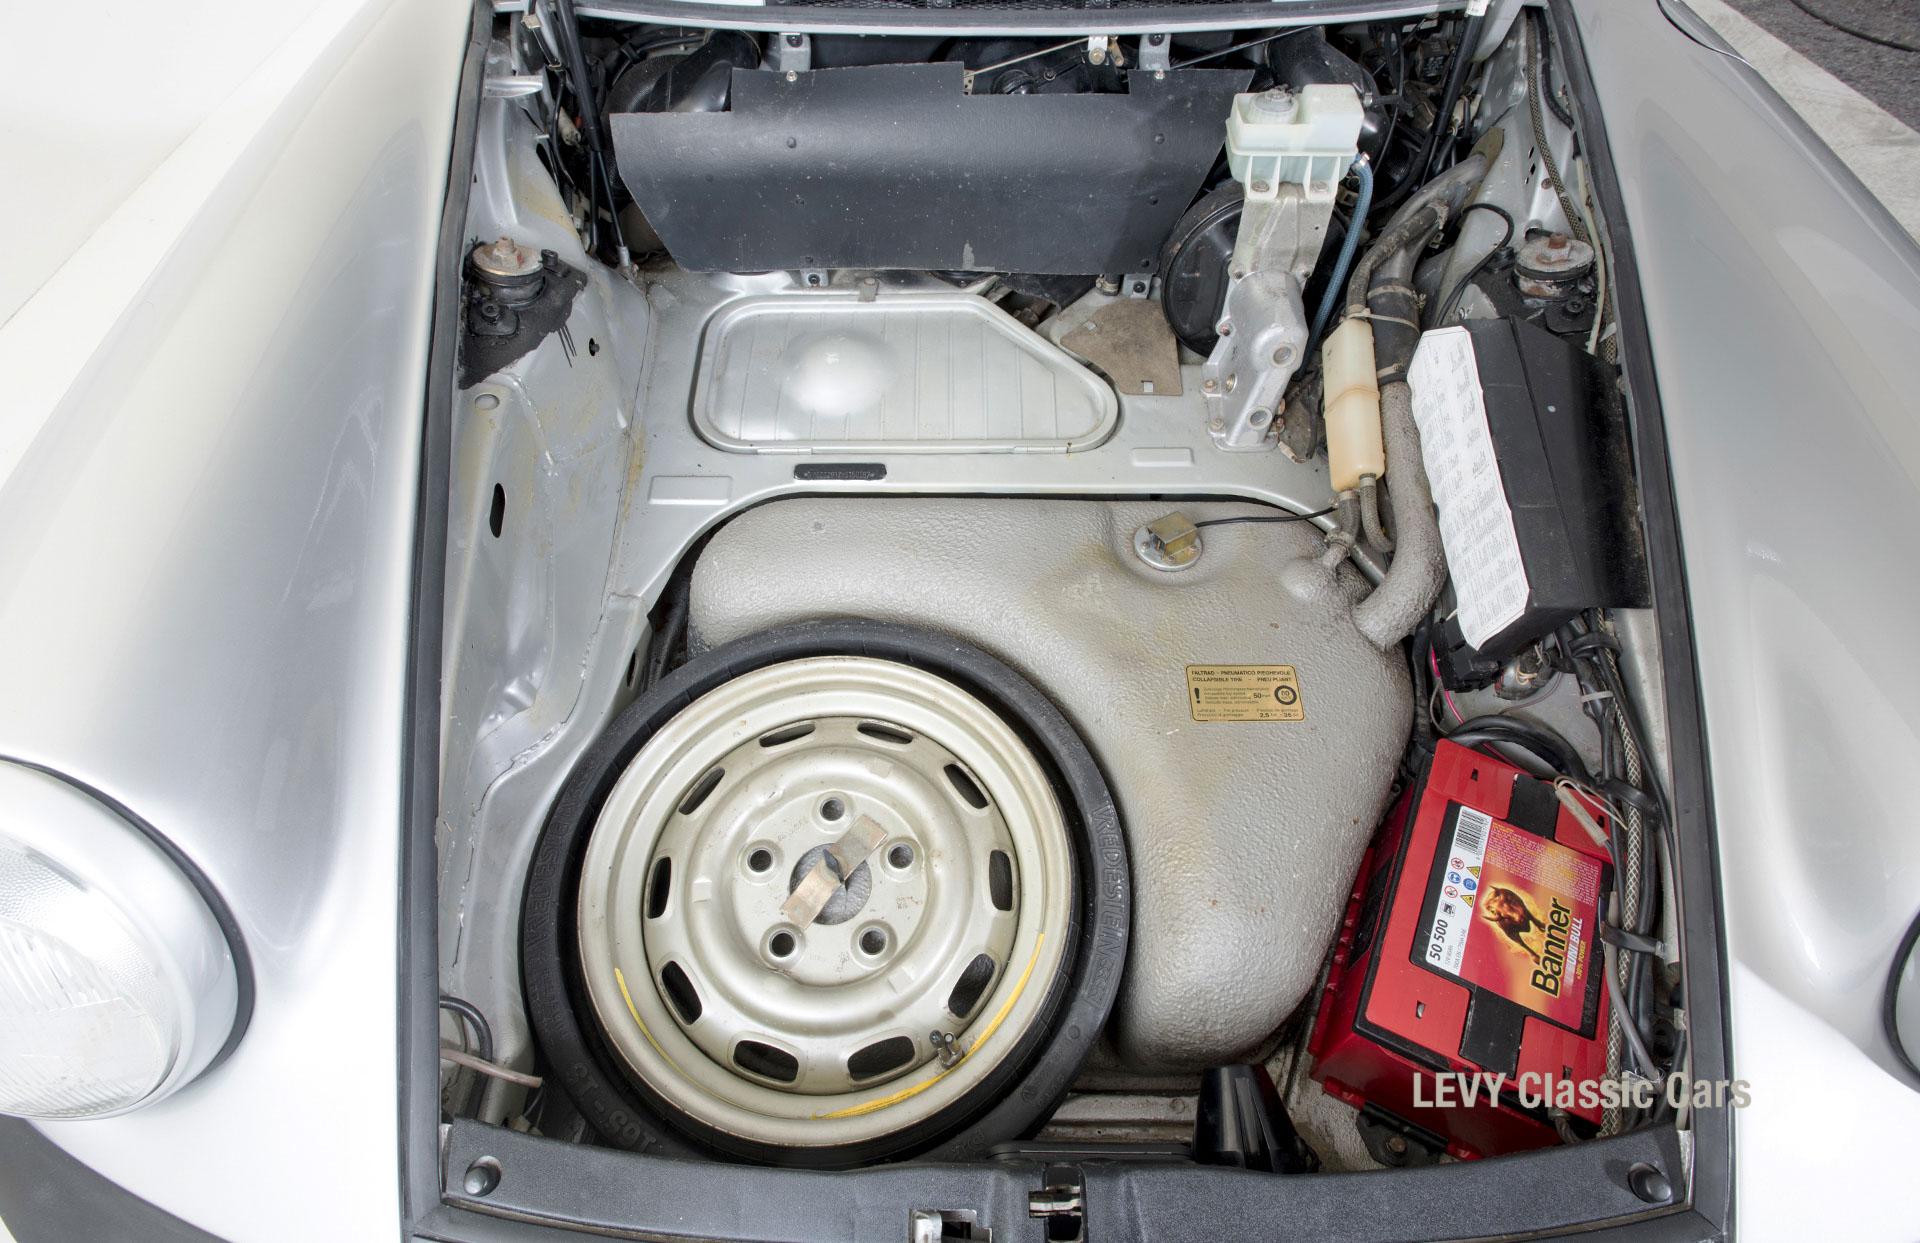 Porsche 911 silber Targa 60287 26_1